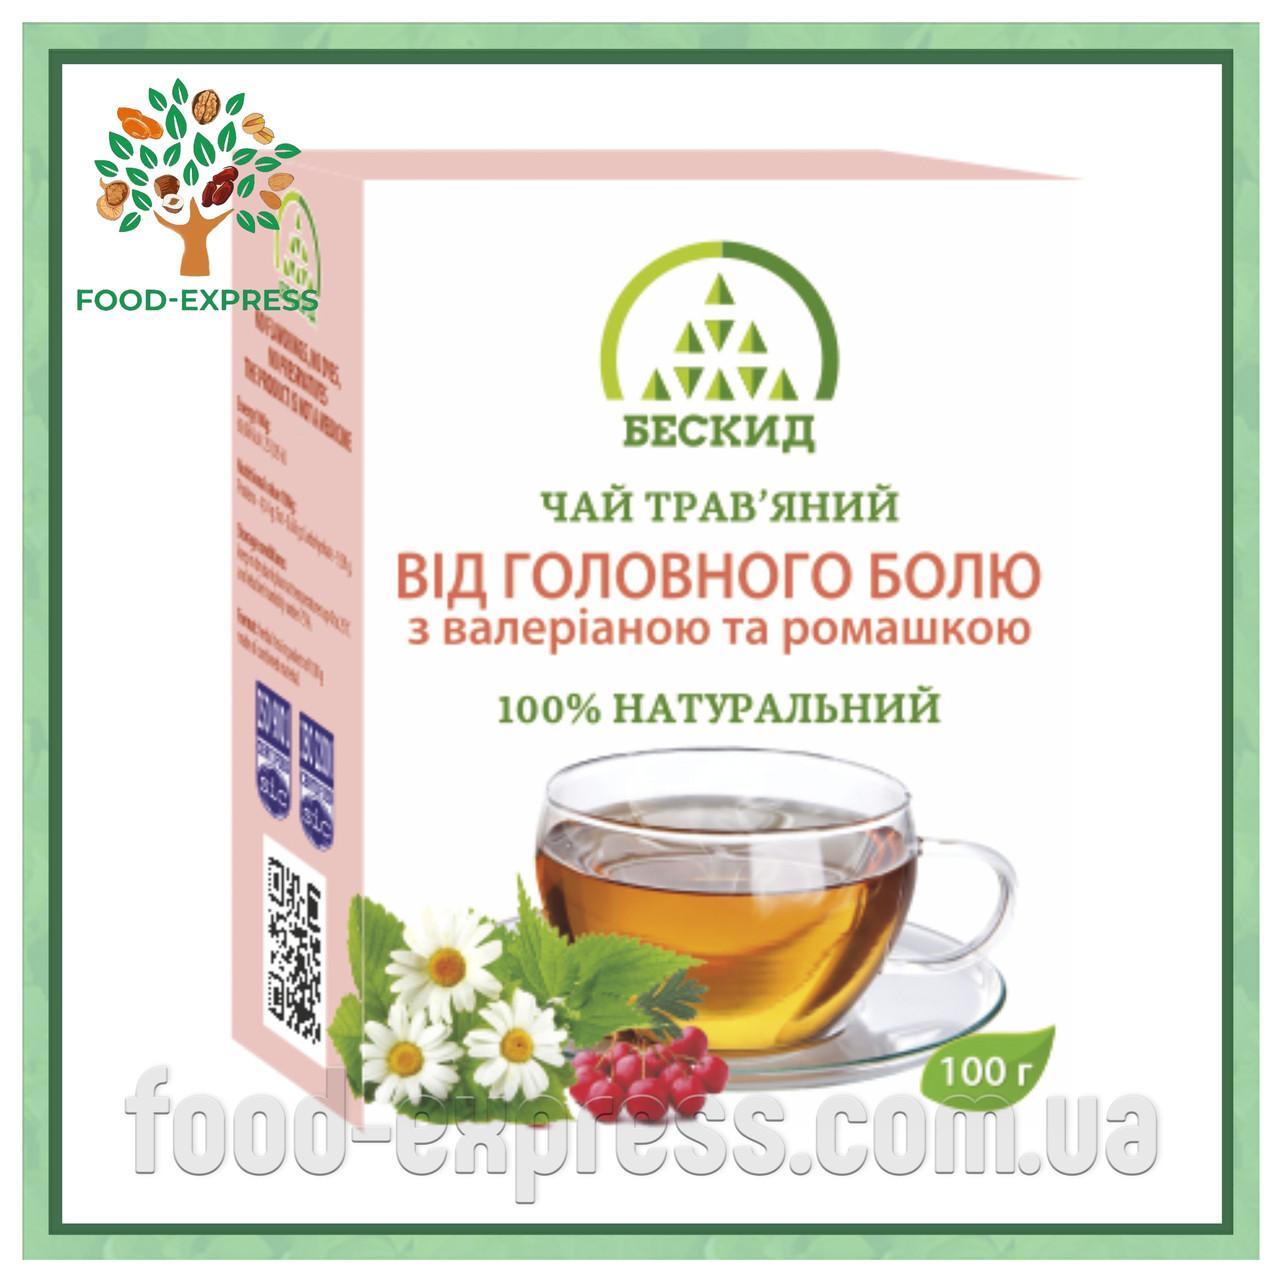 Чай трав'яний «Від головного болю» з валер'яною та ромашкою 100г